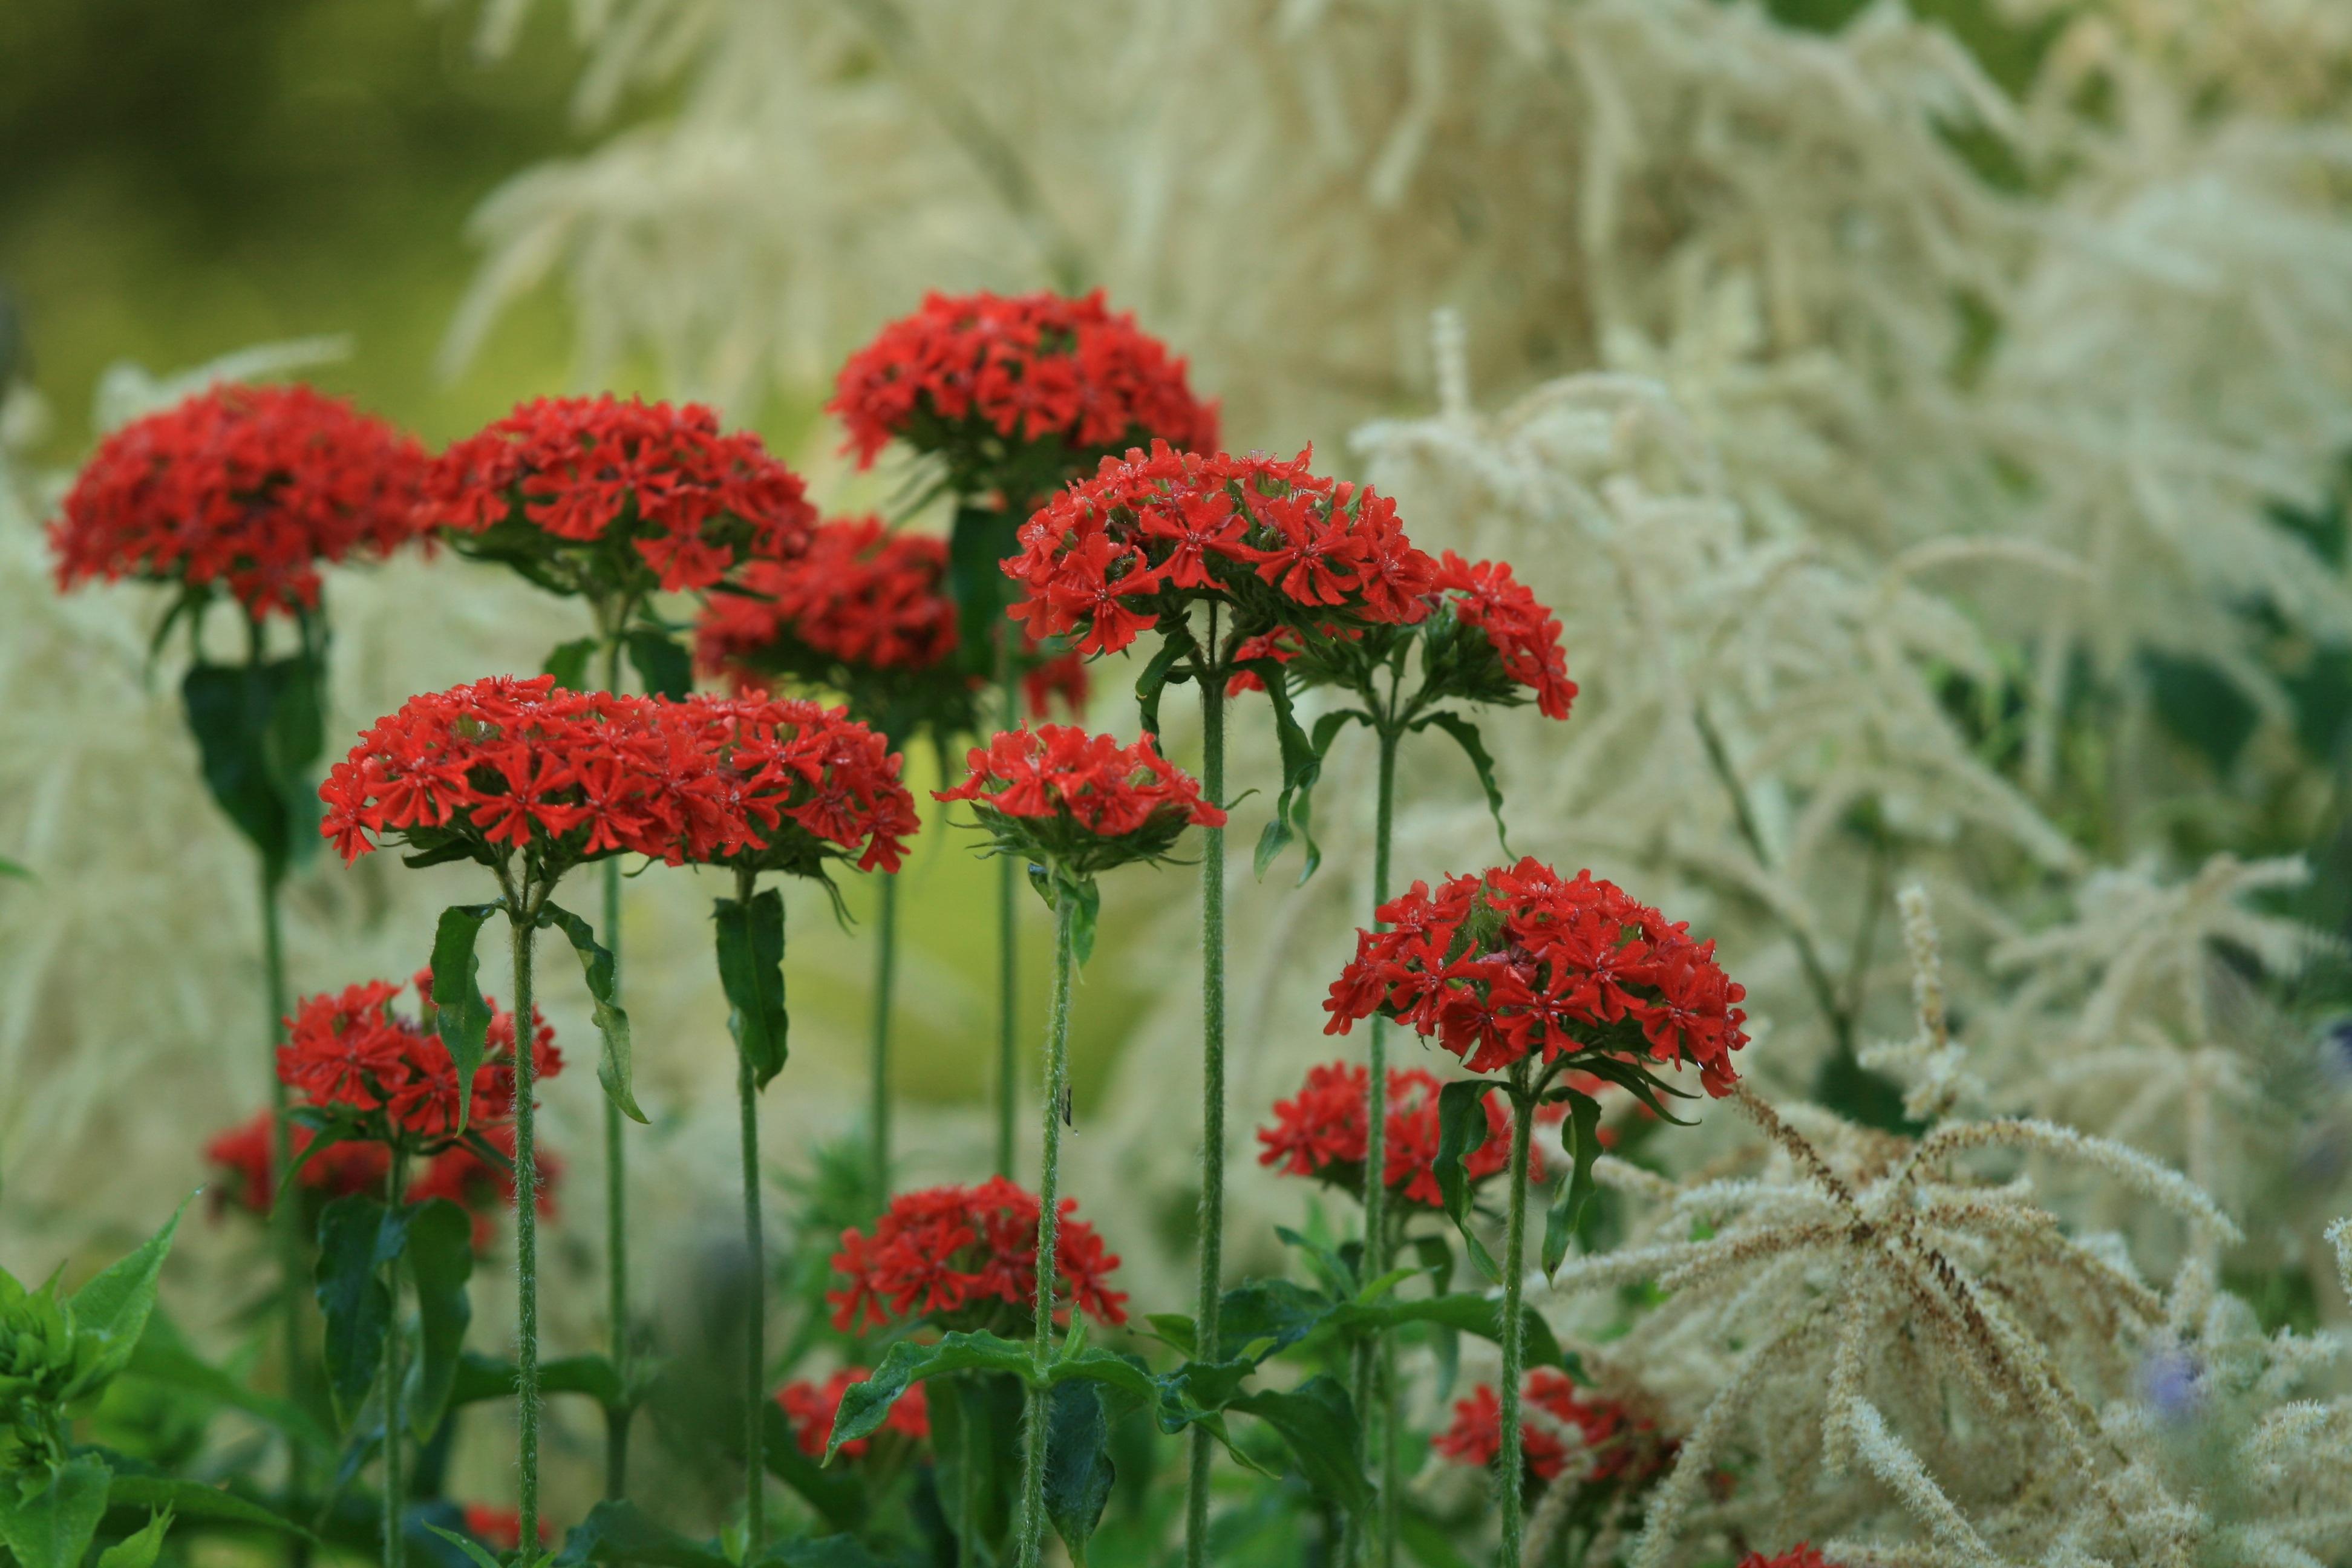 images gratuites herbe p tale t printemps flore fleur rouge arbuste achill e plante. Black Bedroom Furniture Sets. Home Design Ideas